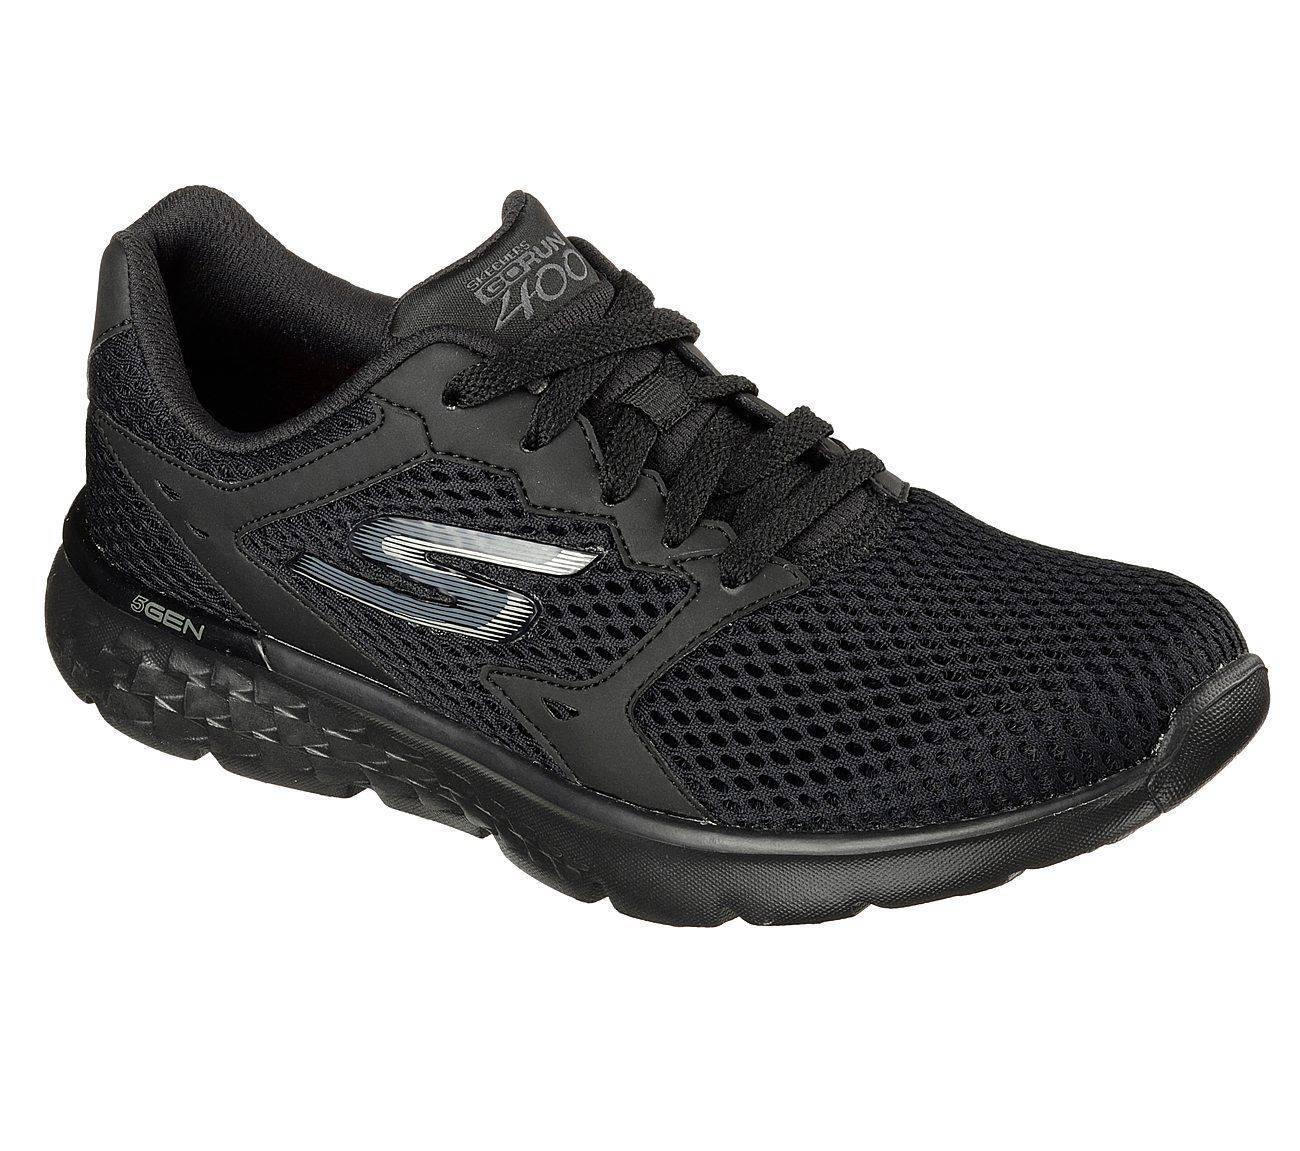 Skechers GORUN 400 Black Sneakers for Women